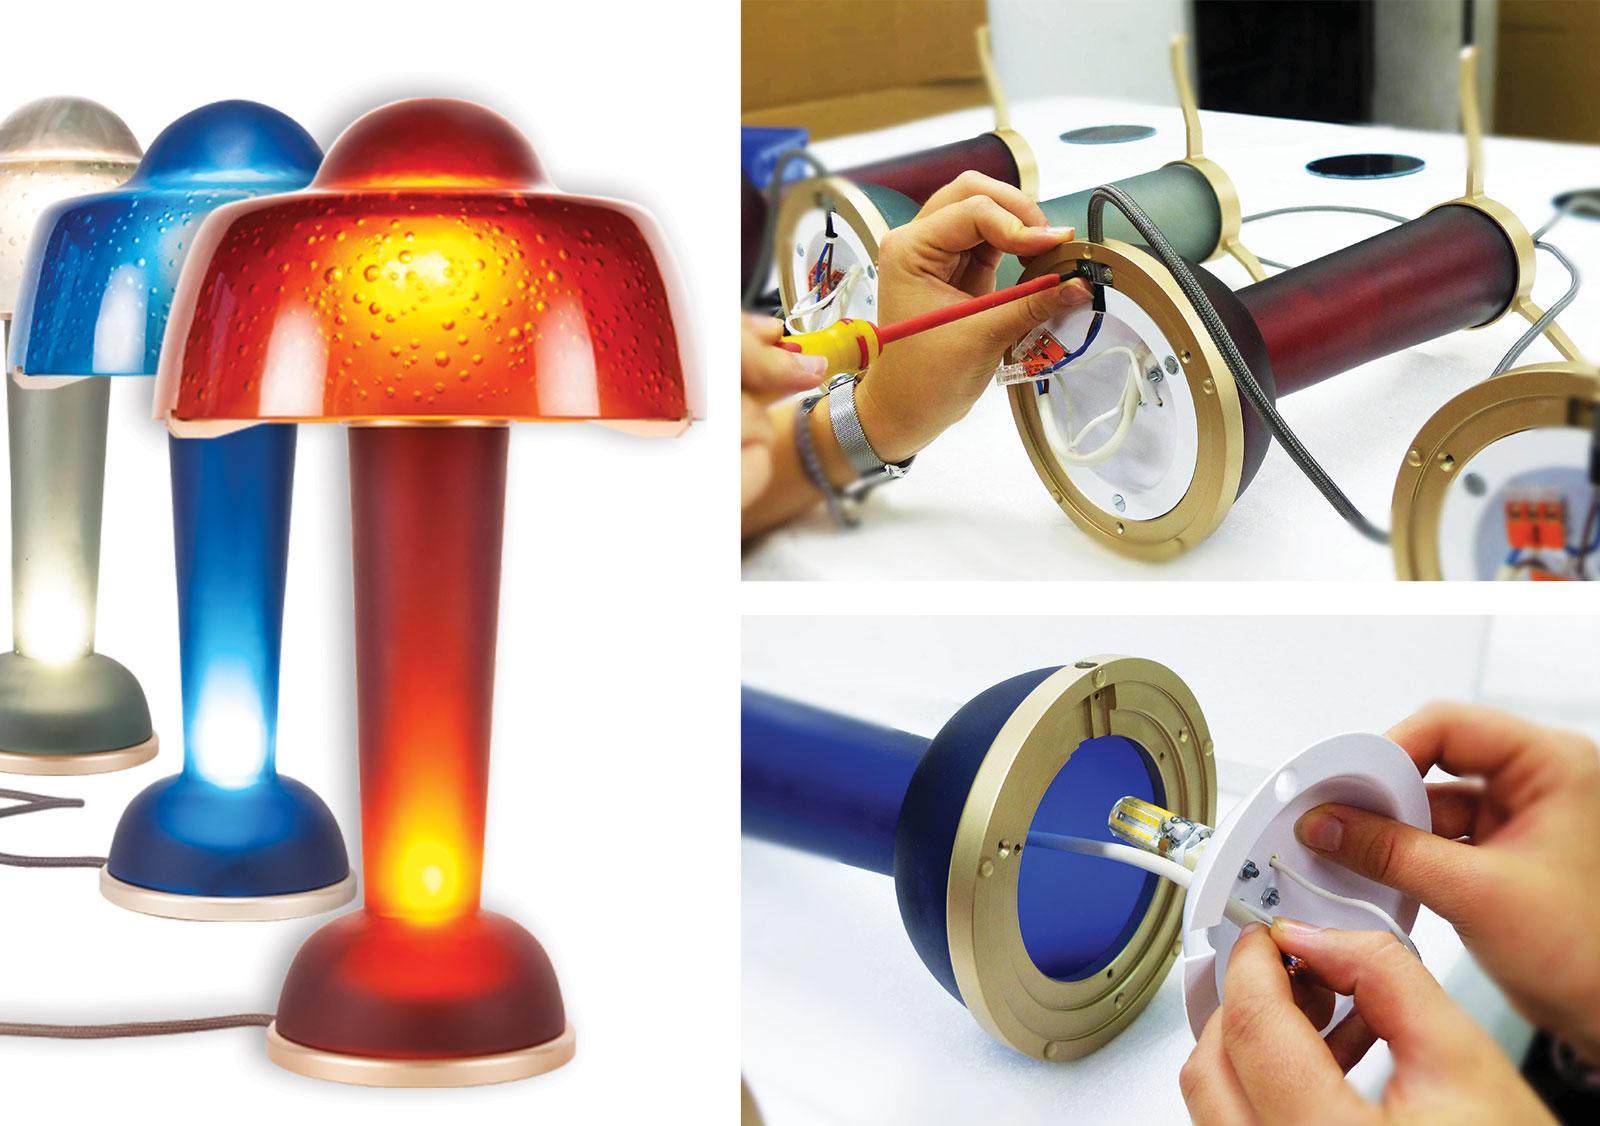 Artisanat du luxe : objets & projets personnalisés haut de gamme